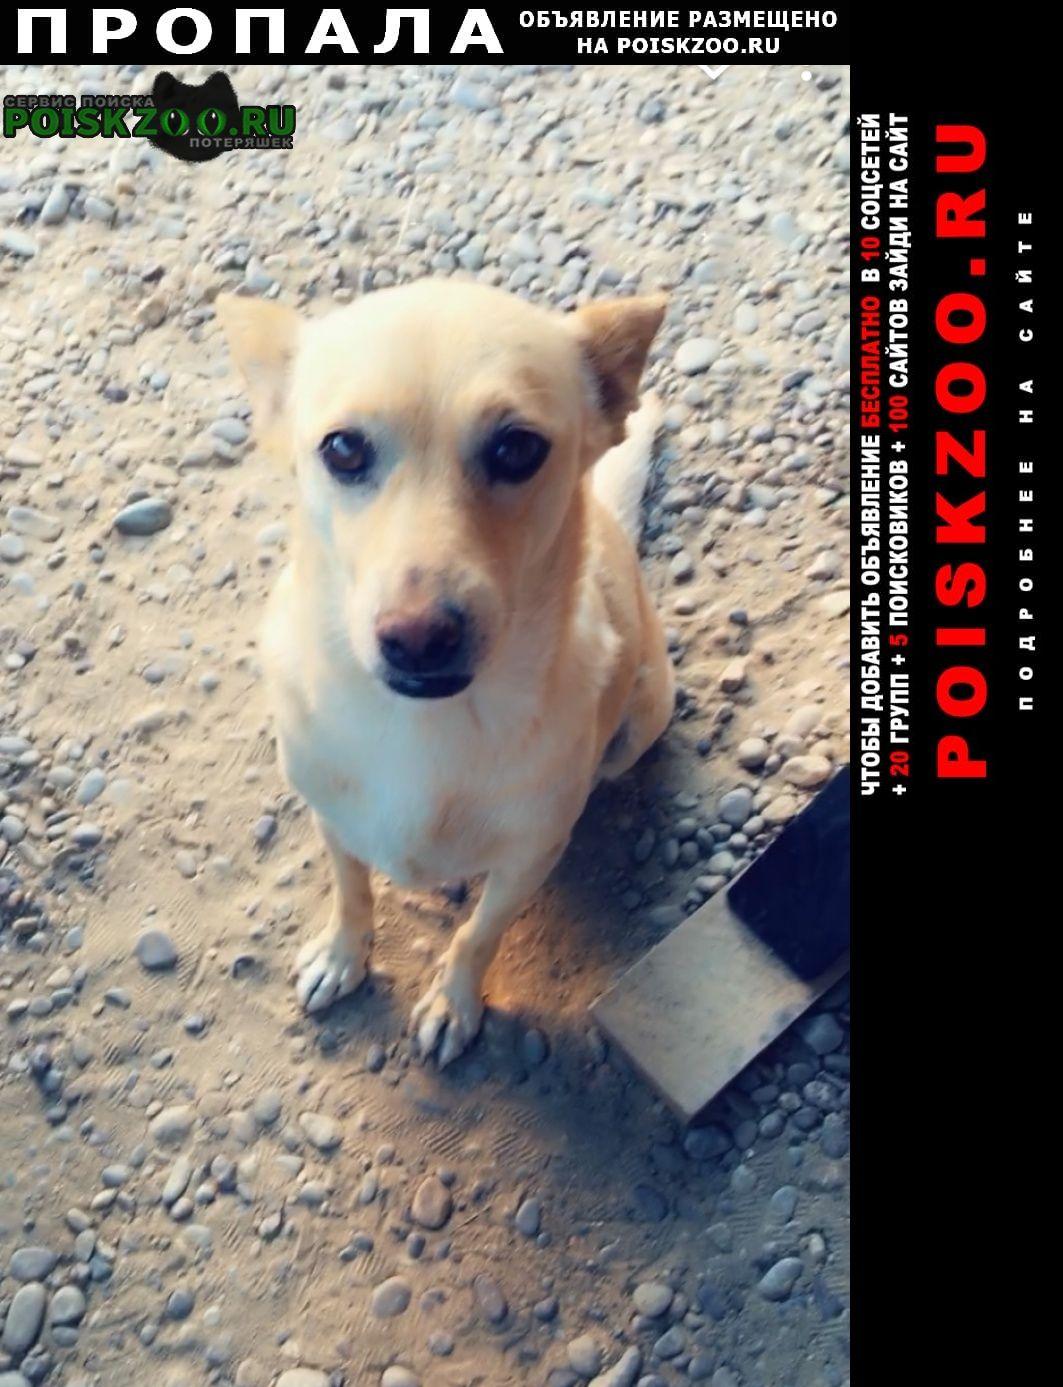 Пропала собака Невинномысск